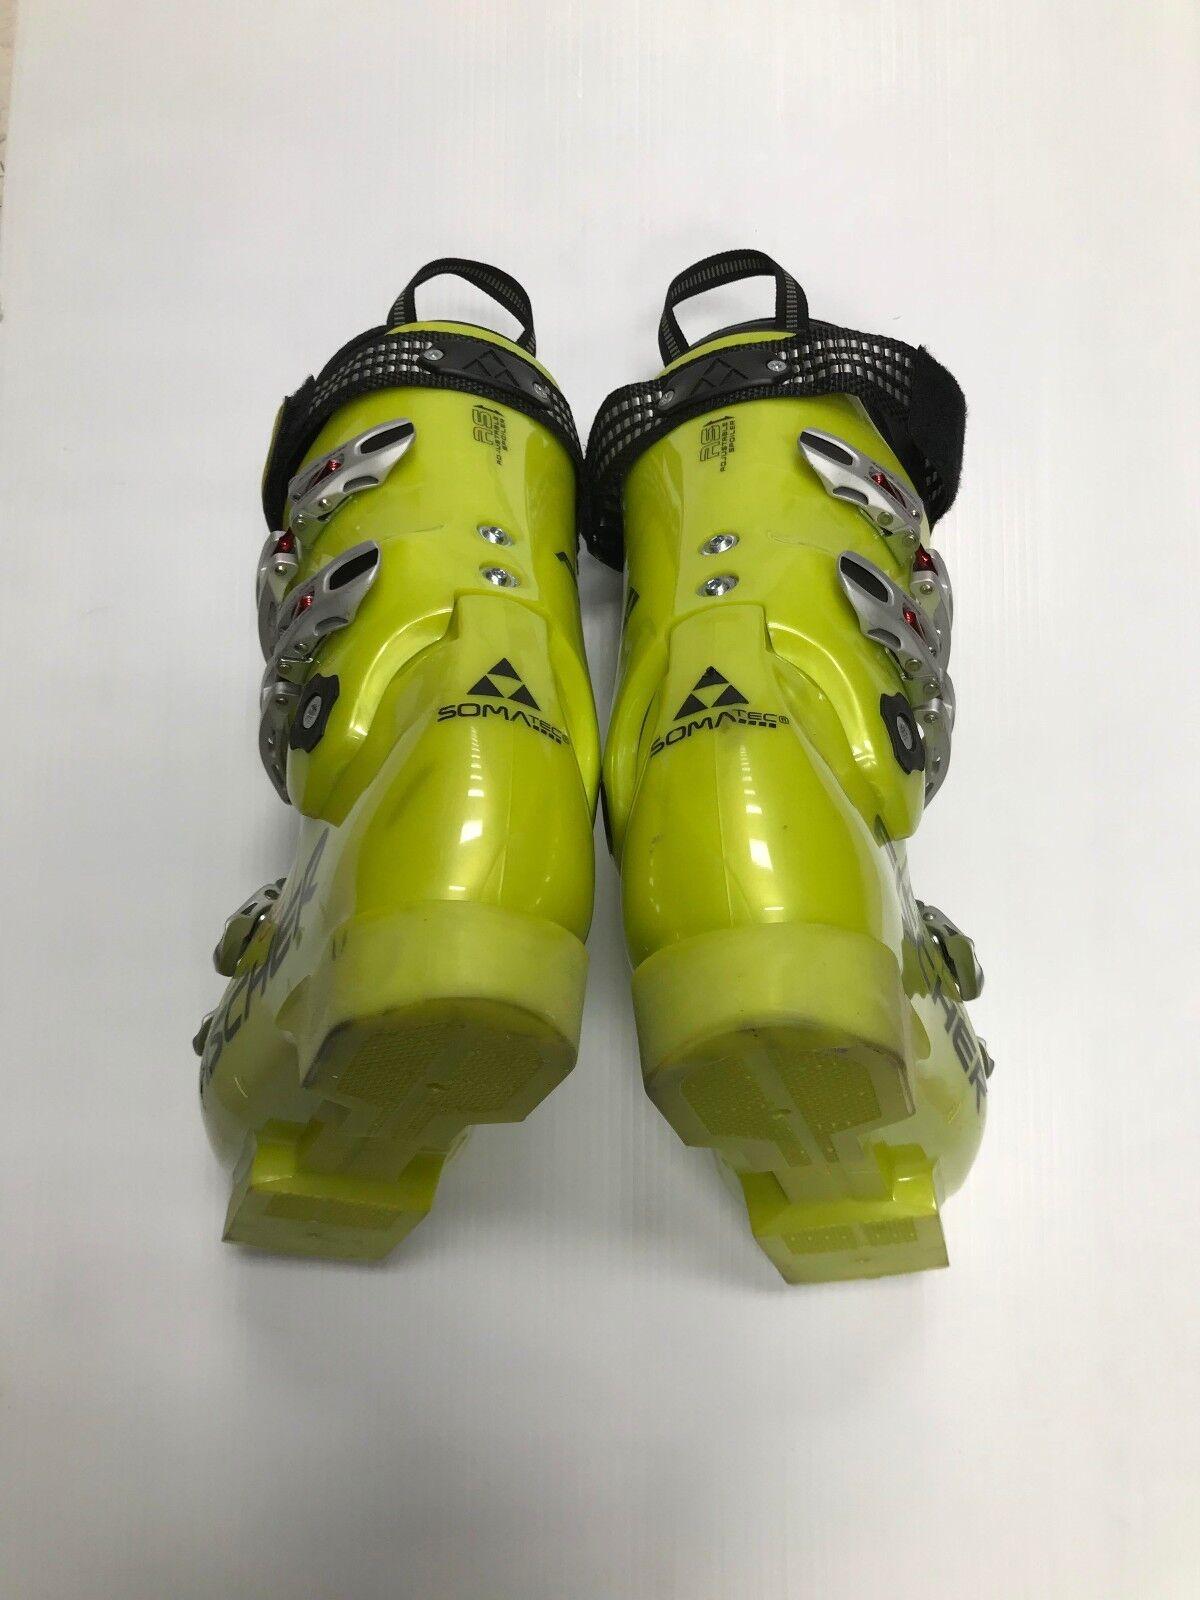 New Fischer RC4 Soma 130 Pro downhill ski Stiefel Stiefel ski Größe 28.5 alpine race Stiefel bcdc46